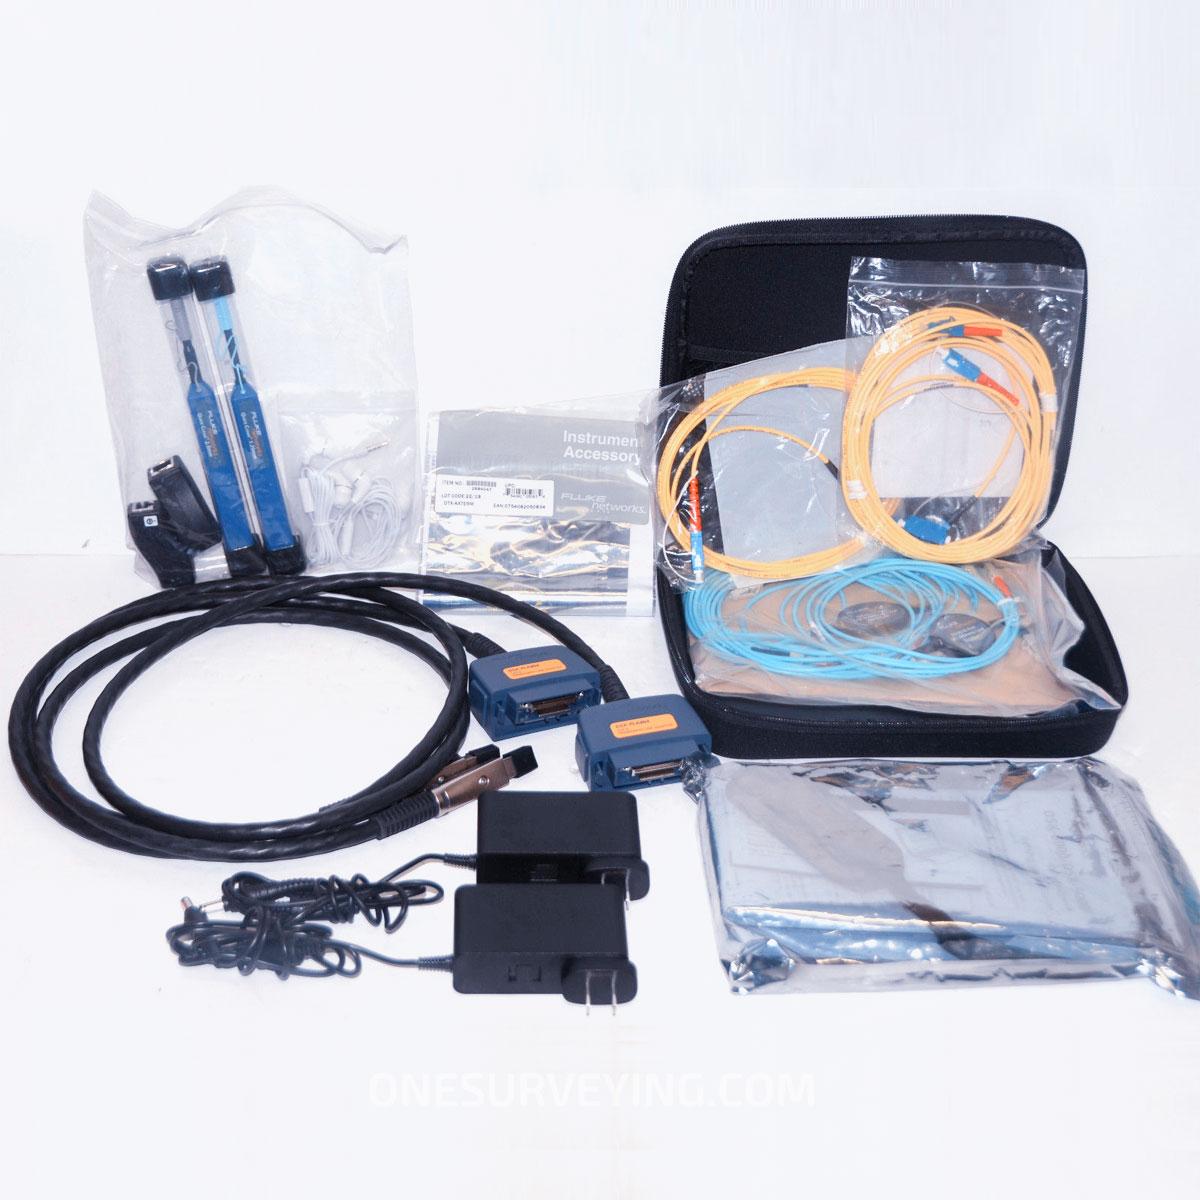 Fluke-Networks-DSX2-8000QI-buy.jpg